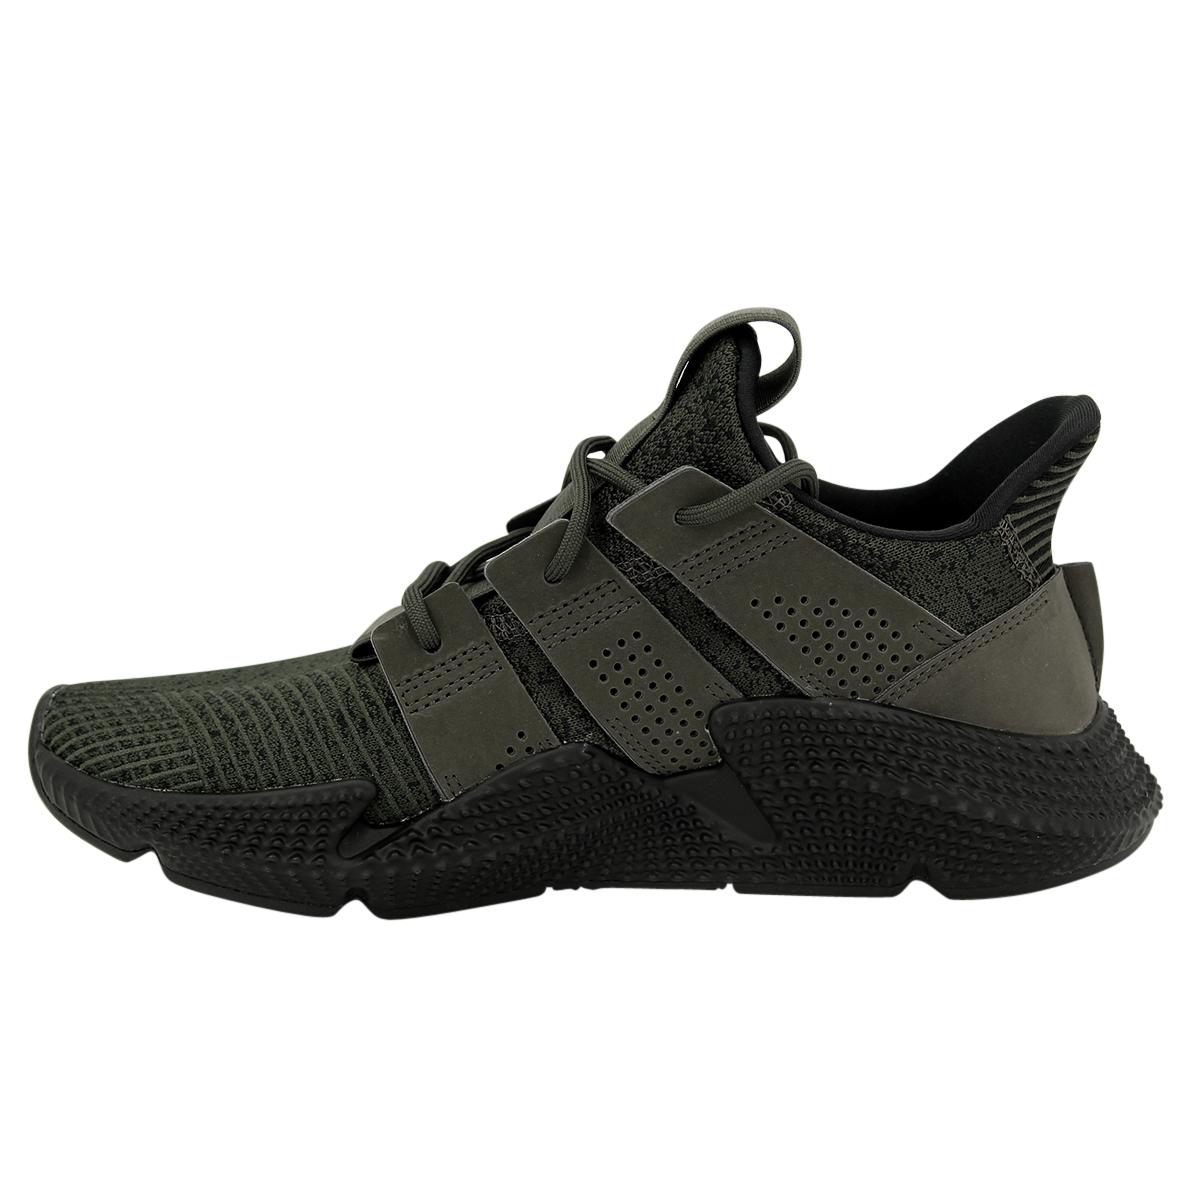 Adidas PROPHERE Herren Sneakers Schuhe Neu | eBay